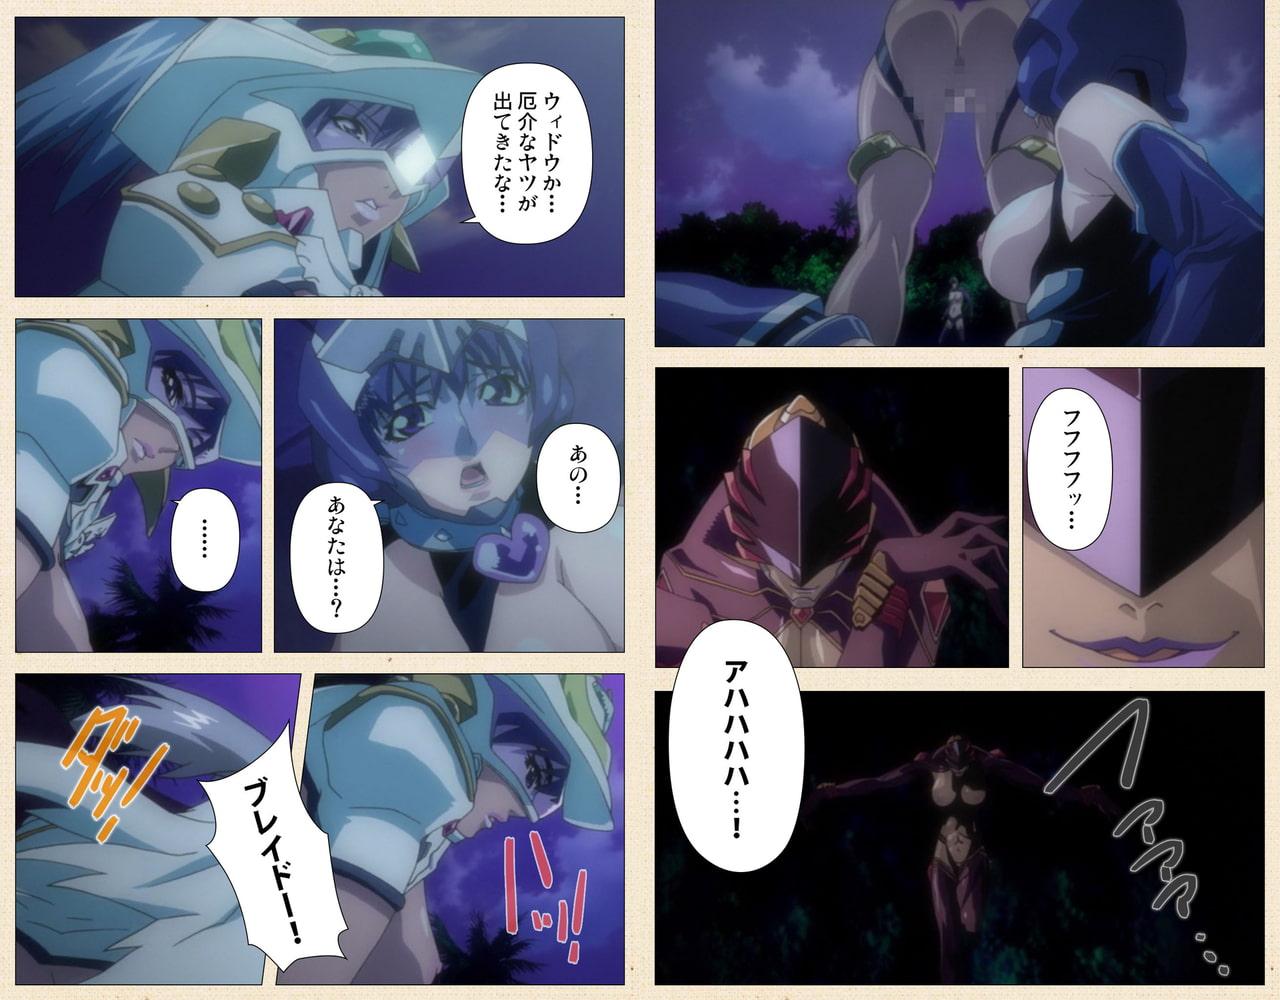 エンジェルブレイドパニッシュ! Vol.3 Complete版【フルカラー成人版】